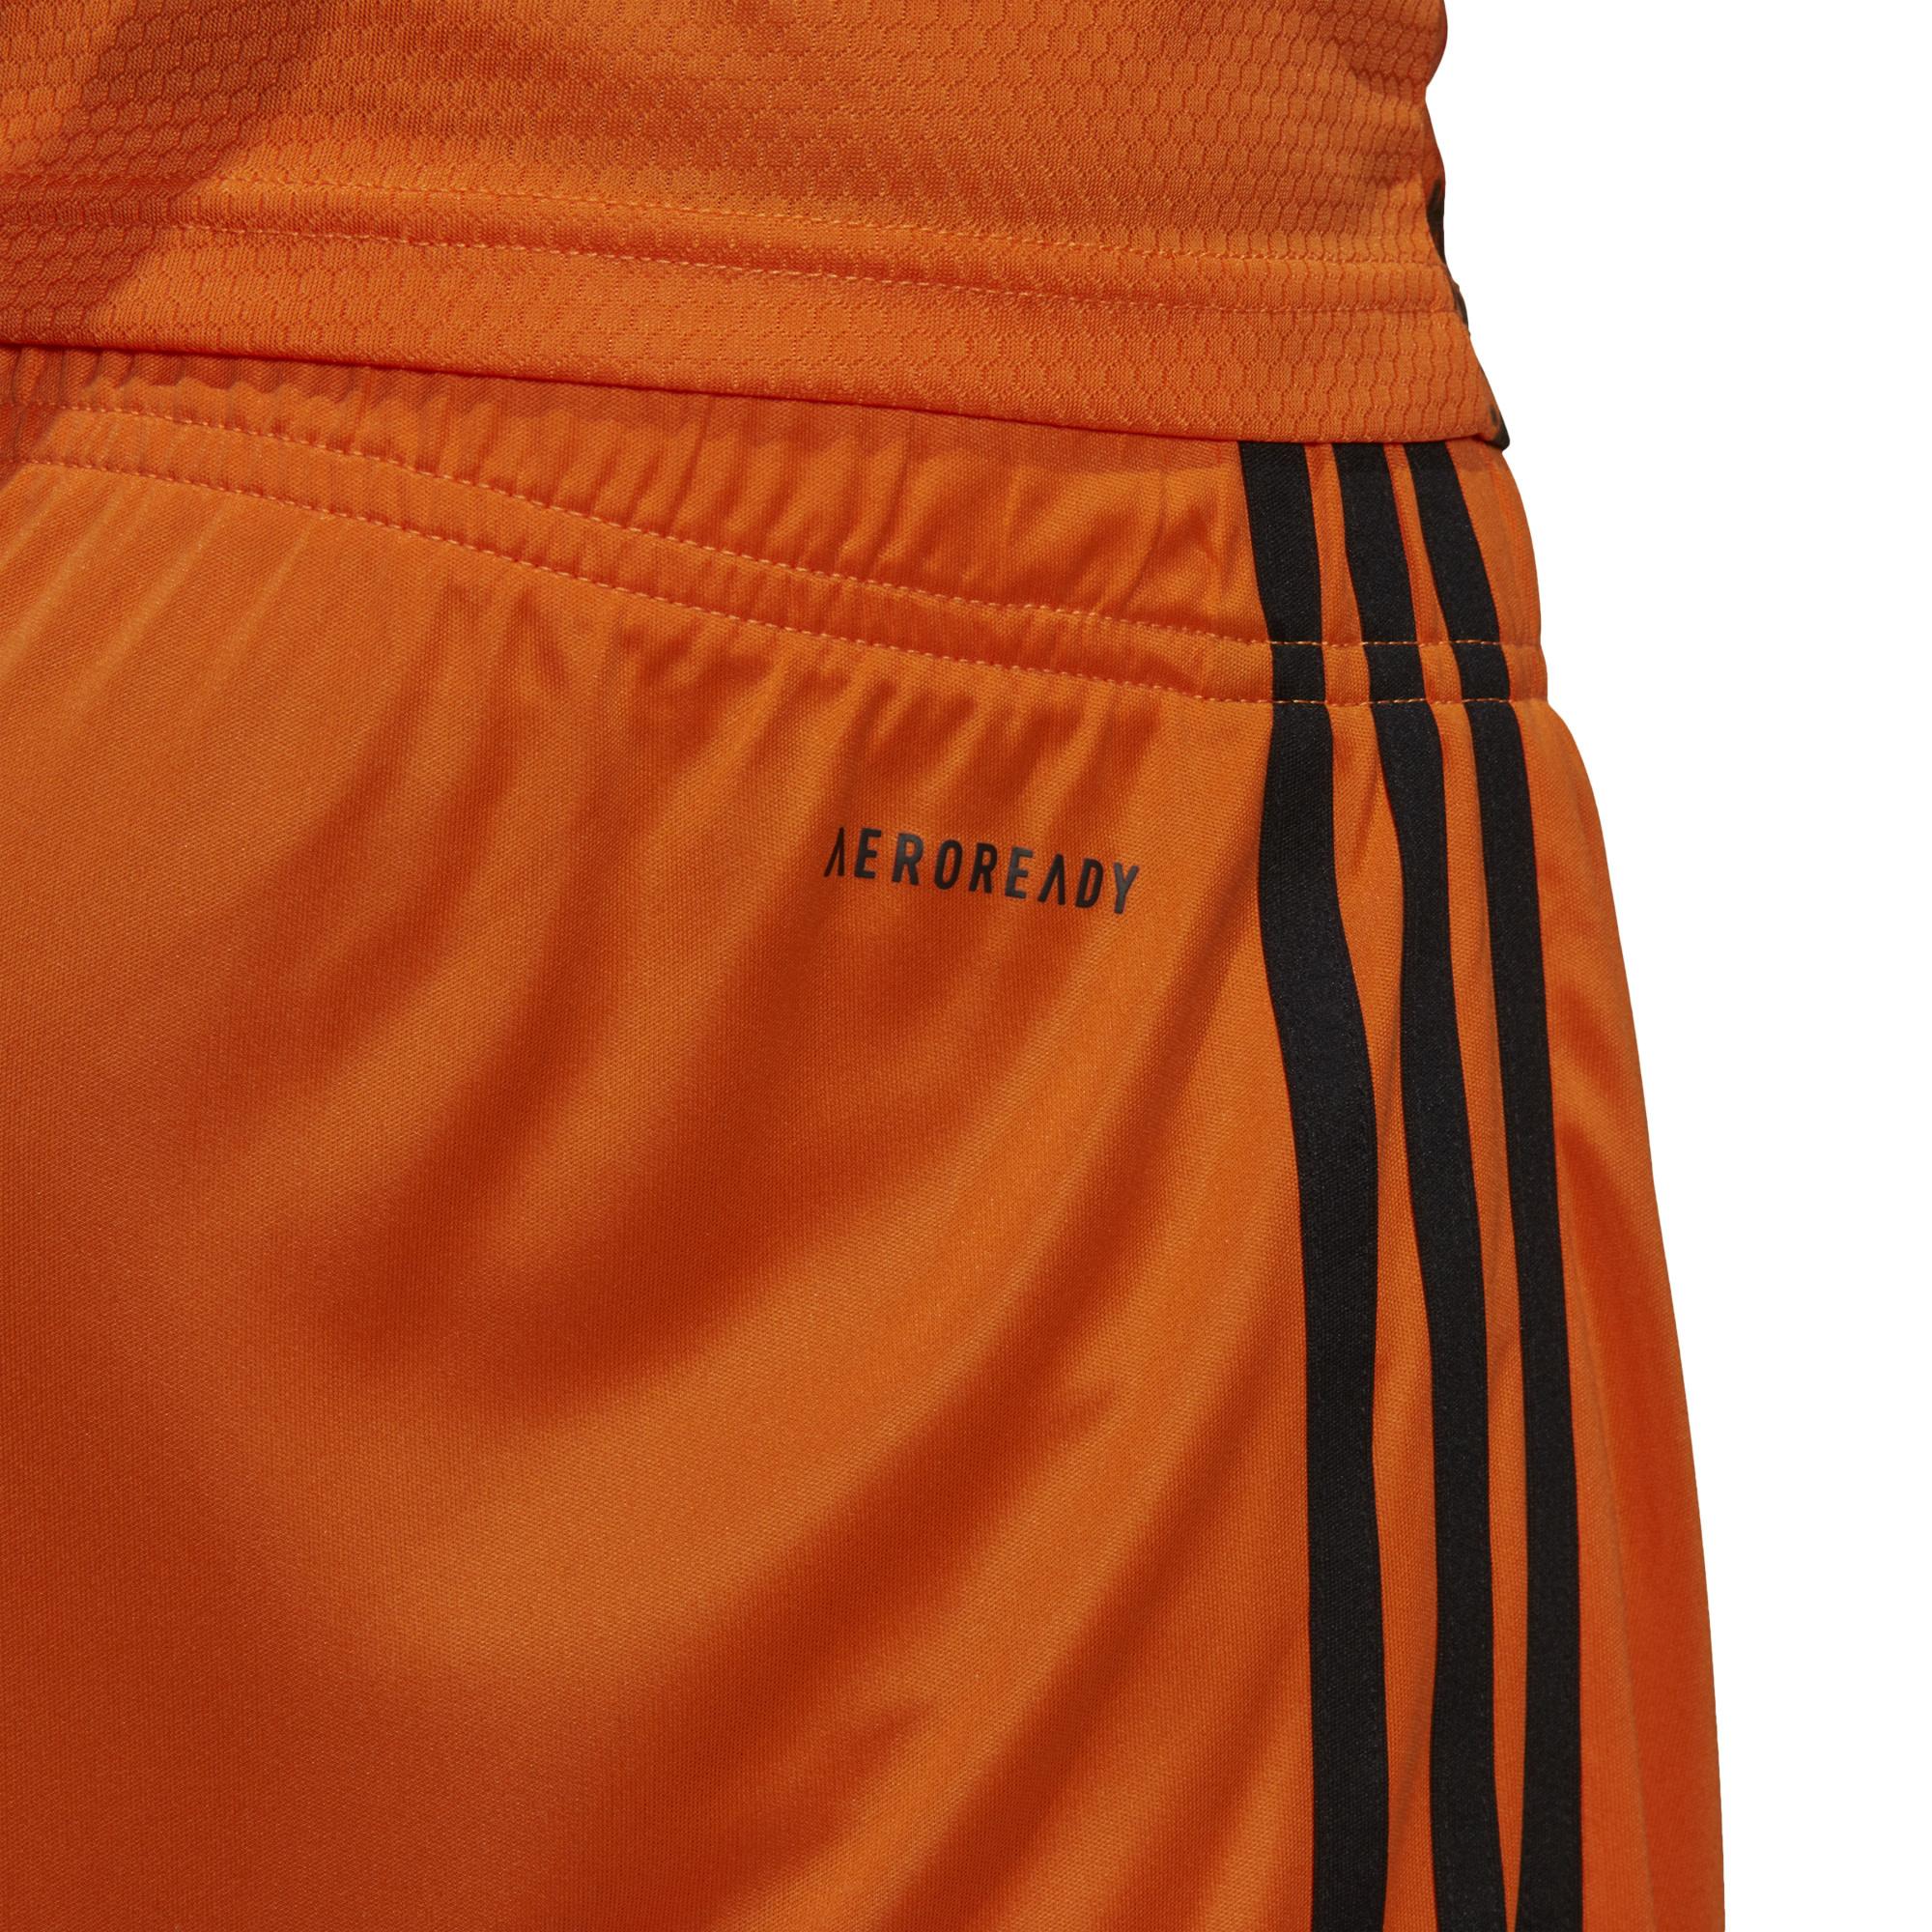 Adidas ADIDAS Juventus 3rd Short '20-'21